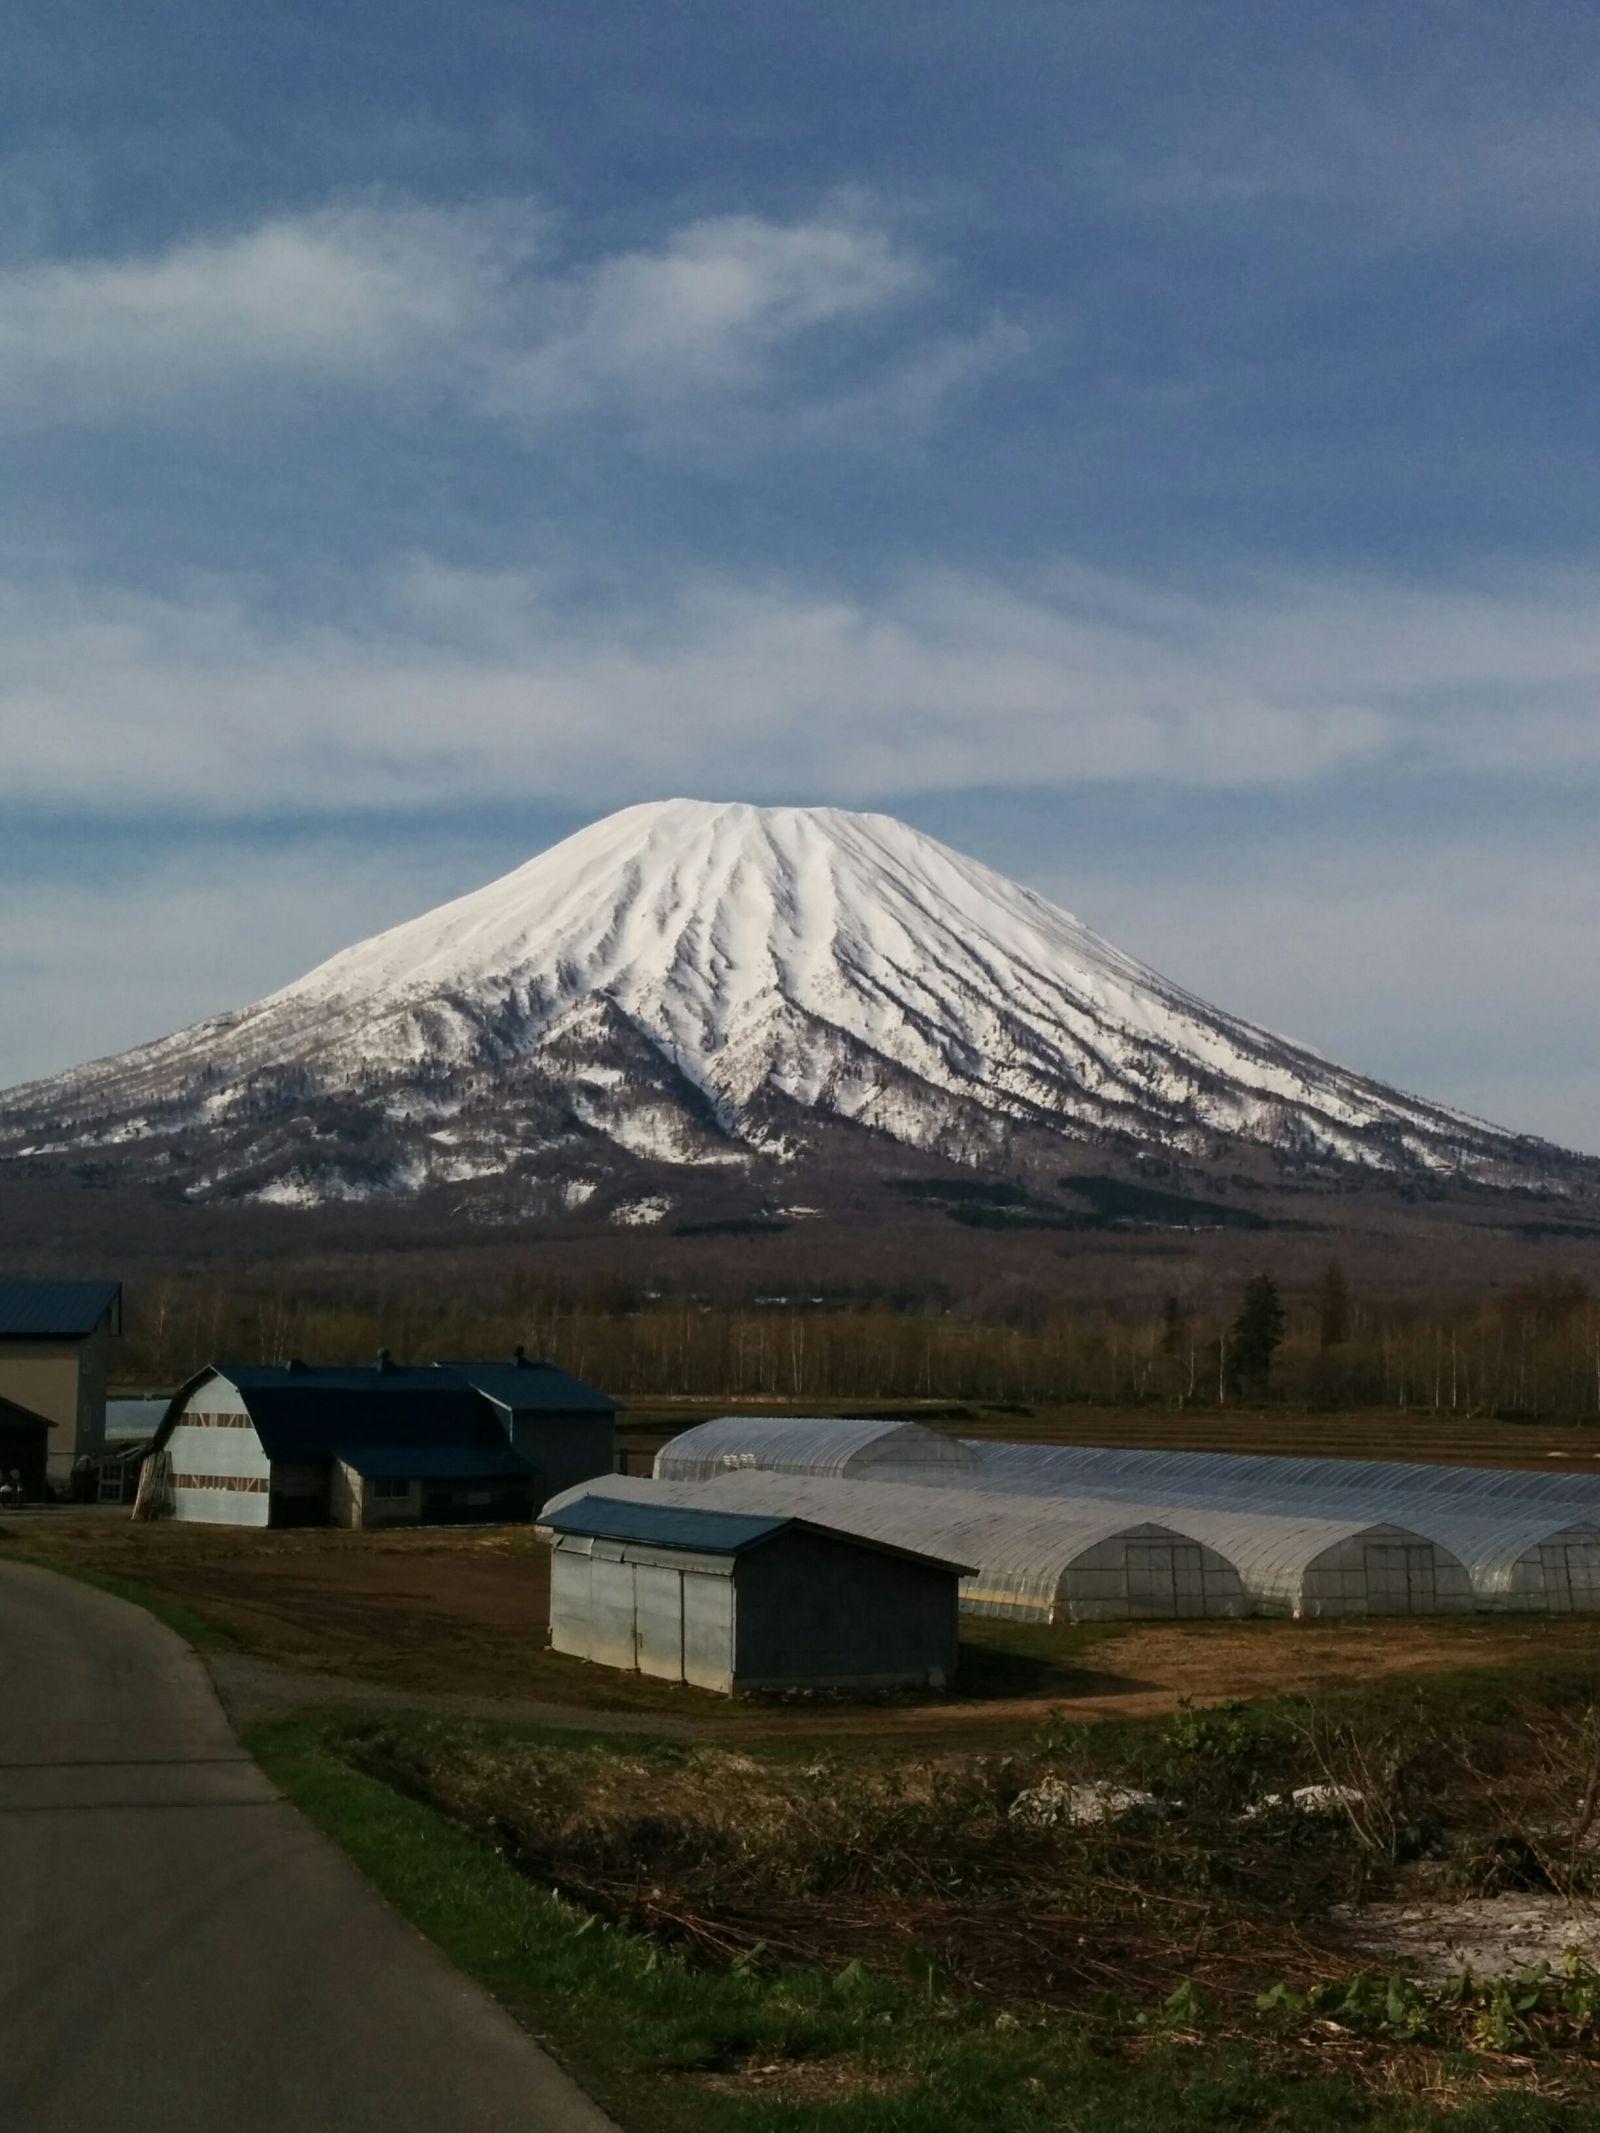 蝦夷富士羊蹄山の伝説観光案内です。